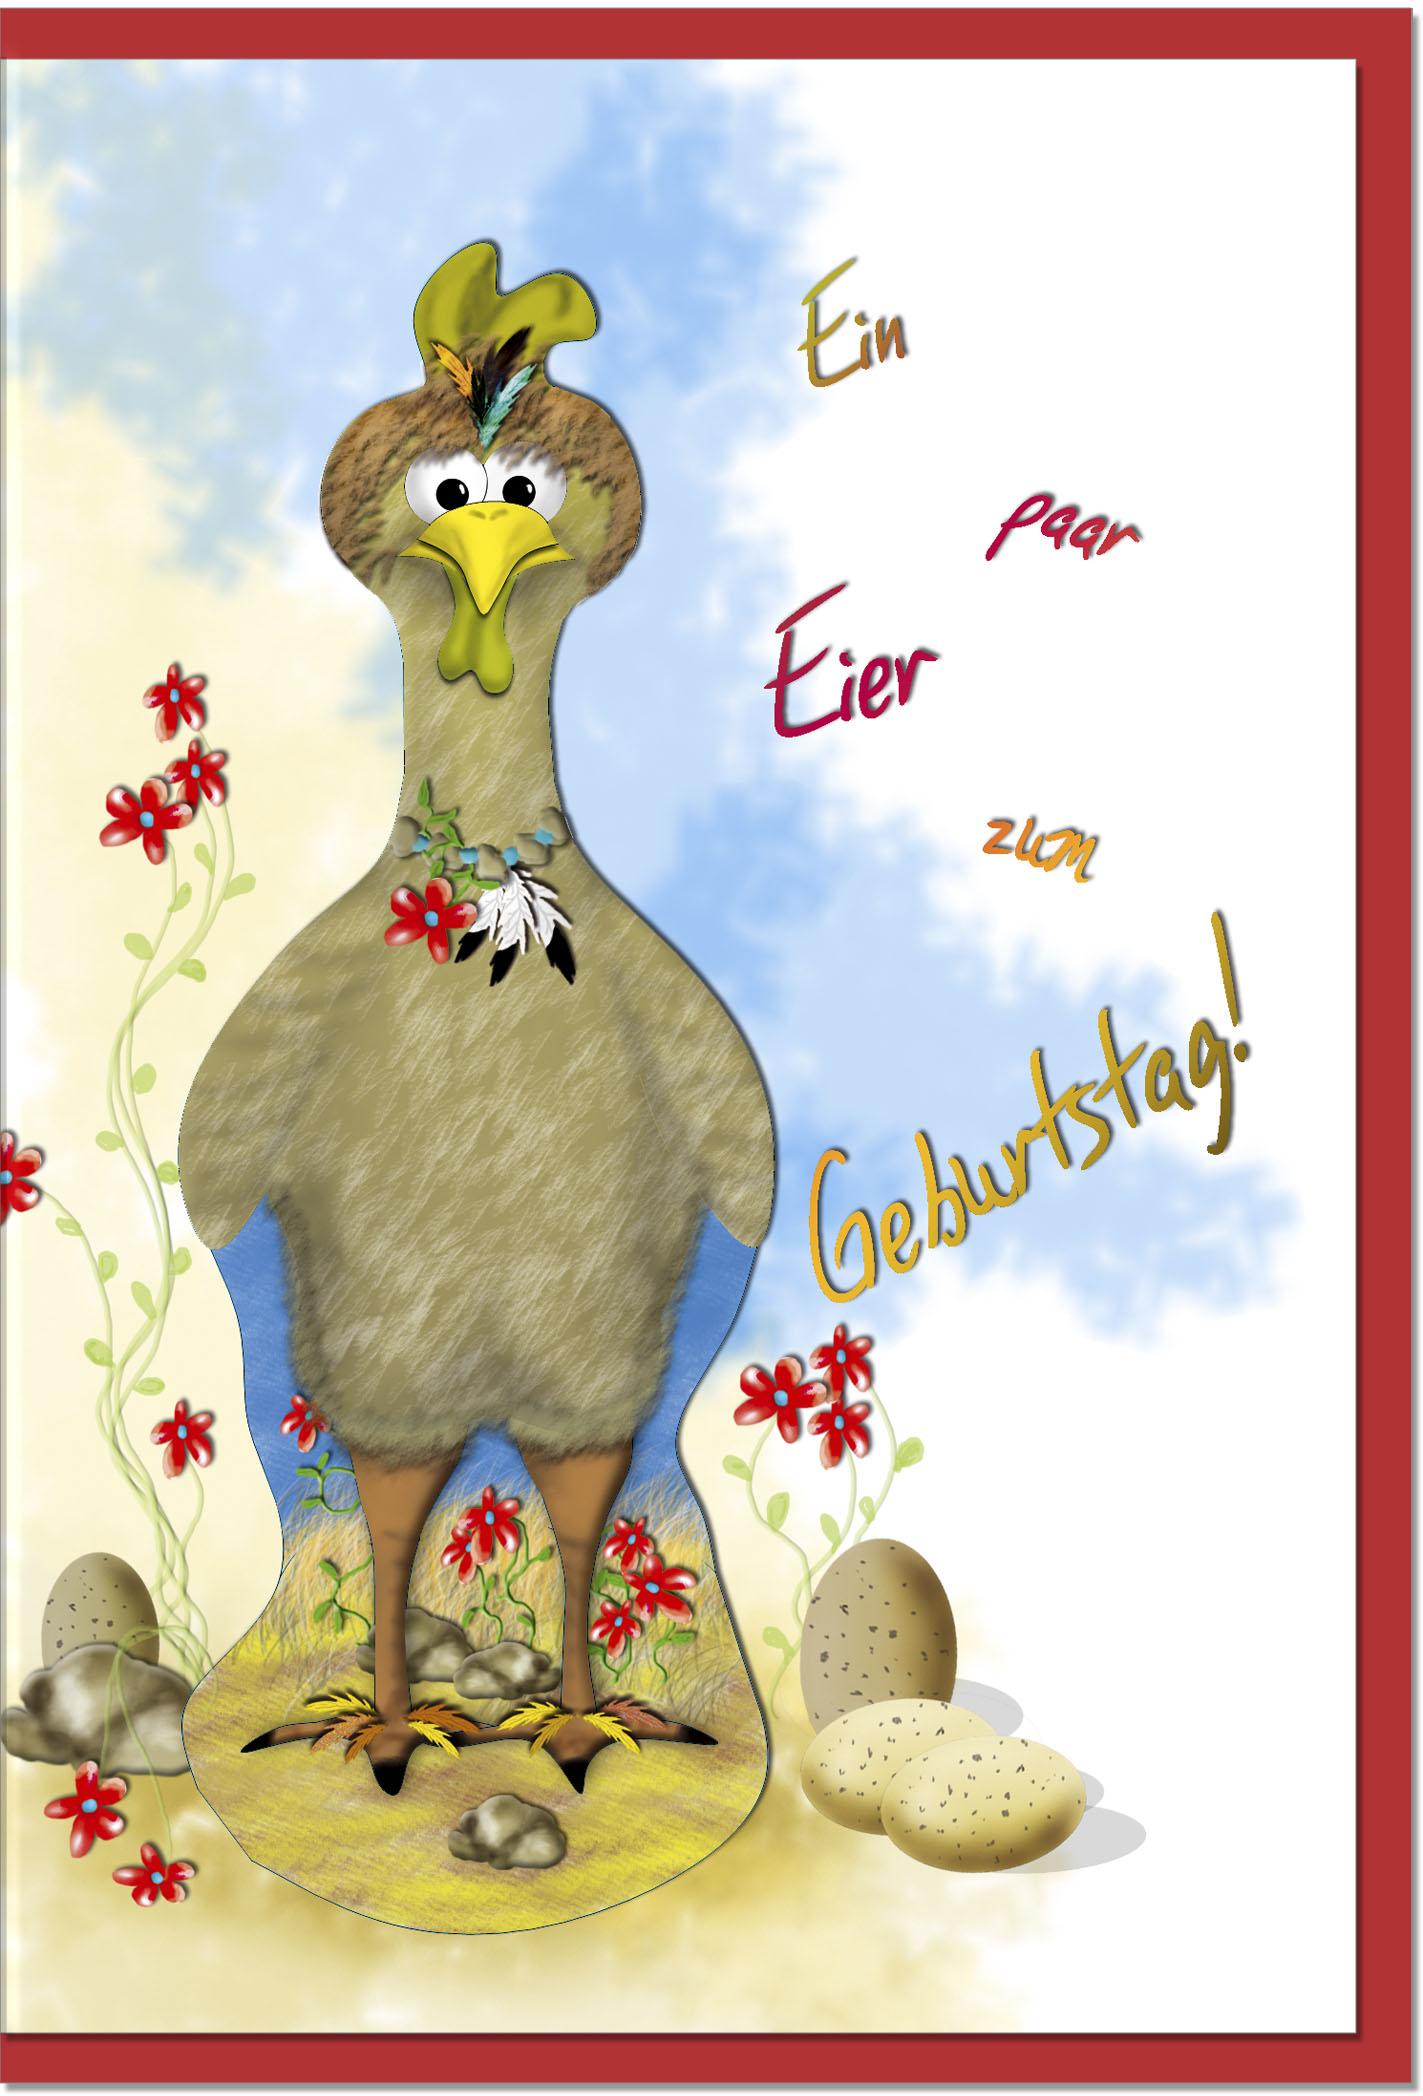 Geburtstagskarten / Grußkarten /Geburtstag Huhn